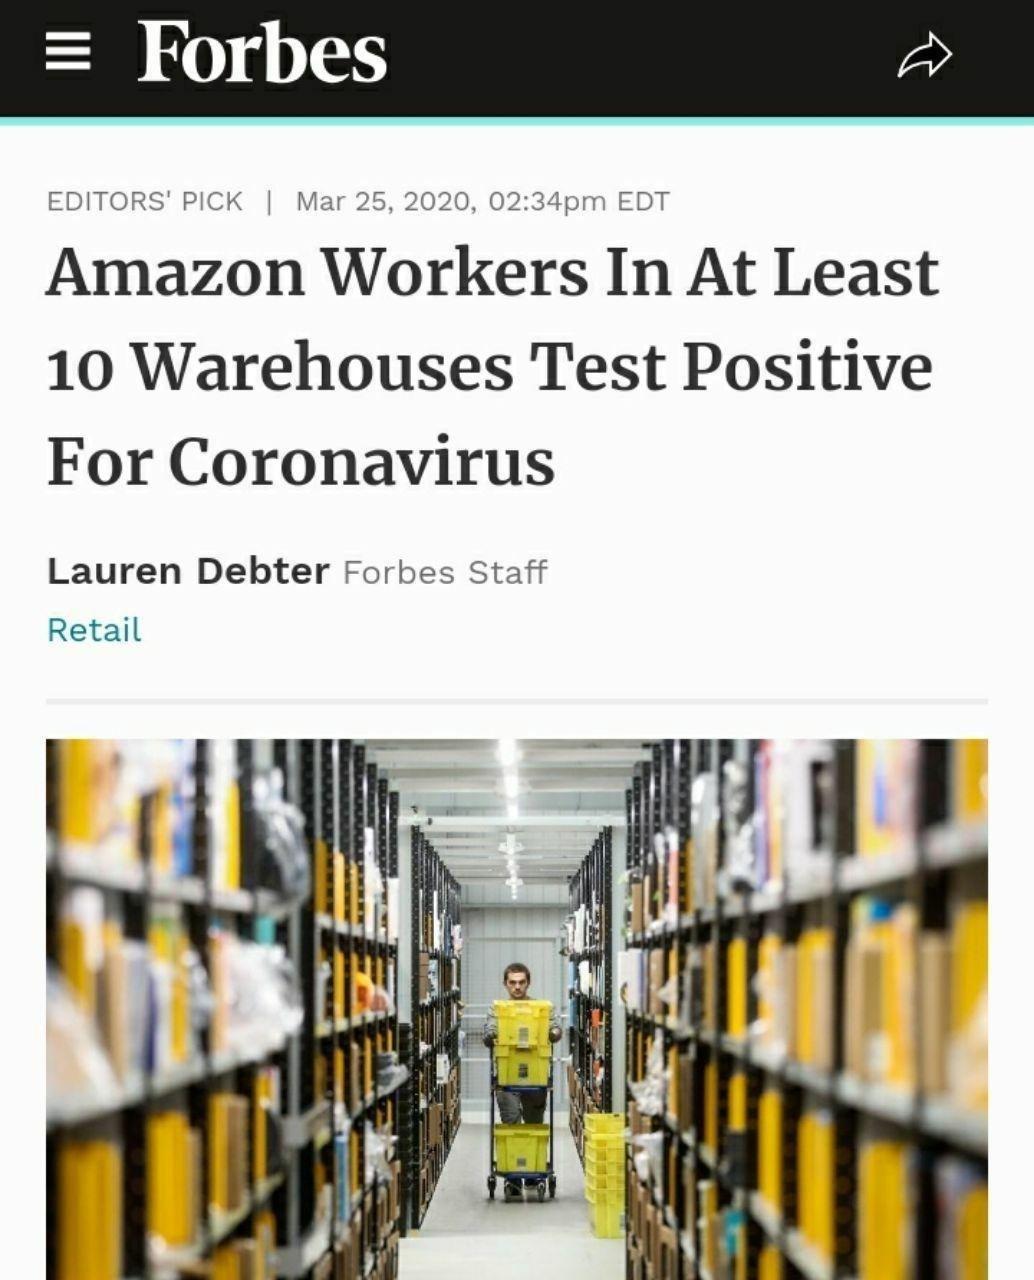 تست کرونا کارمندان آمازون در ۱۰ انبار آمریکا مثبت بوده است.